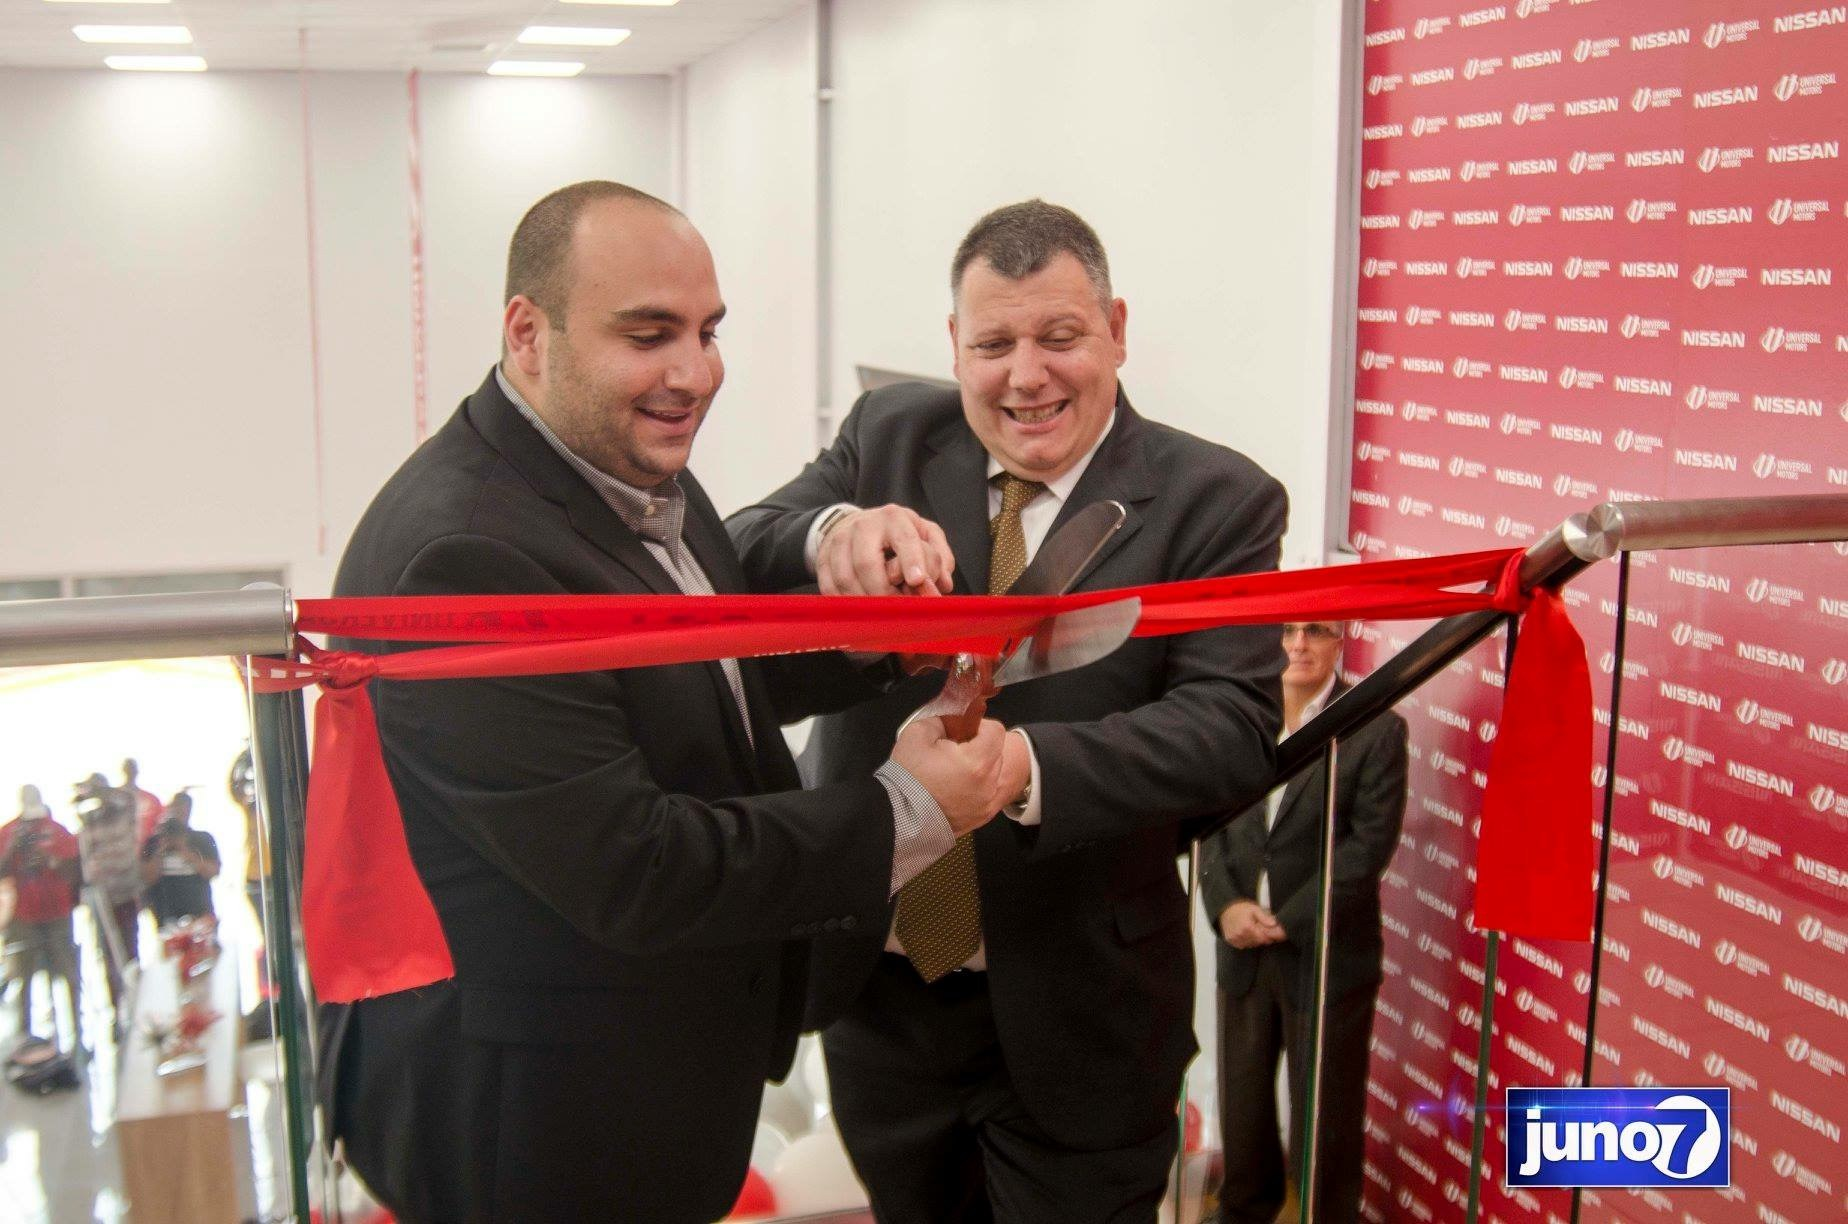 La Nissan Universal Motors inaugure le plus grand showroom de la caraïbe et de l'Amérique latine